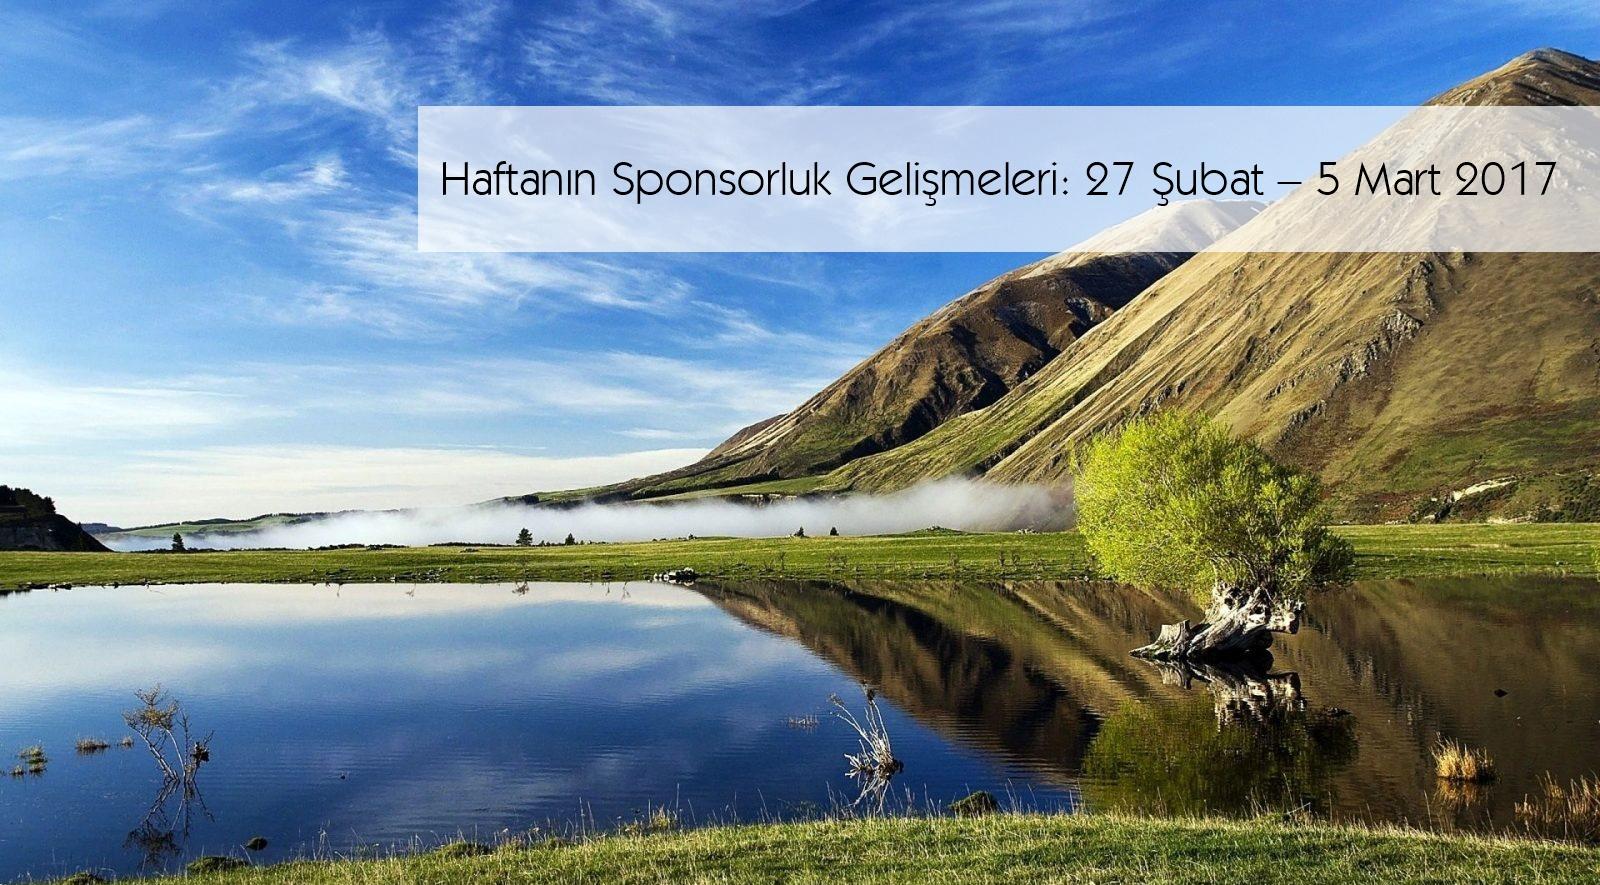 Haftanın Sponsorluk Gelişmeleri: 27 Şubat – 5 Mart 2017